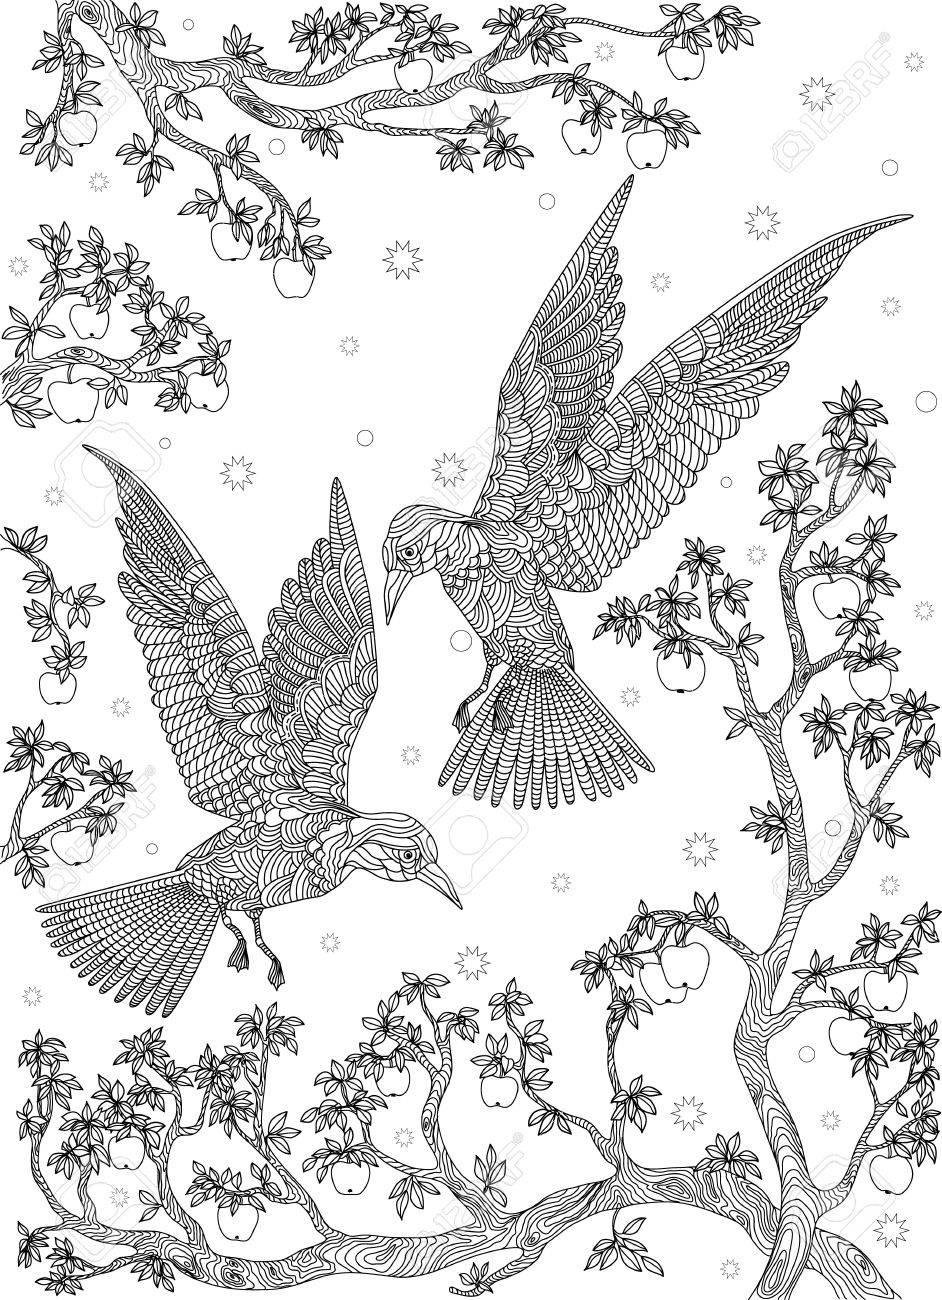 Dibujado A Mano Pájaro - Pájaros En Una Rama De árbol De Manzana ...